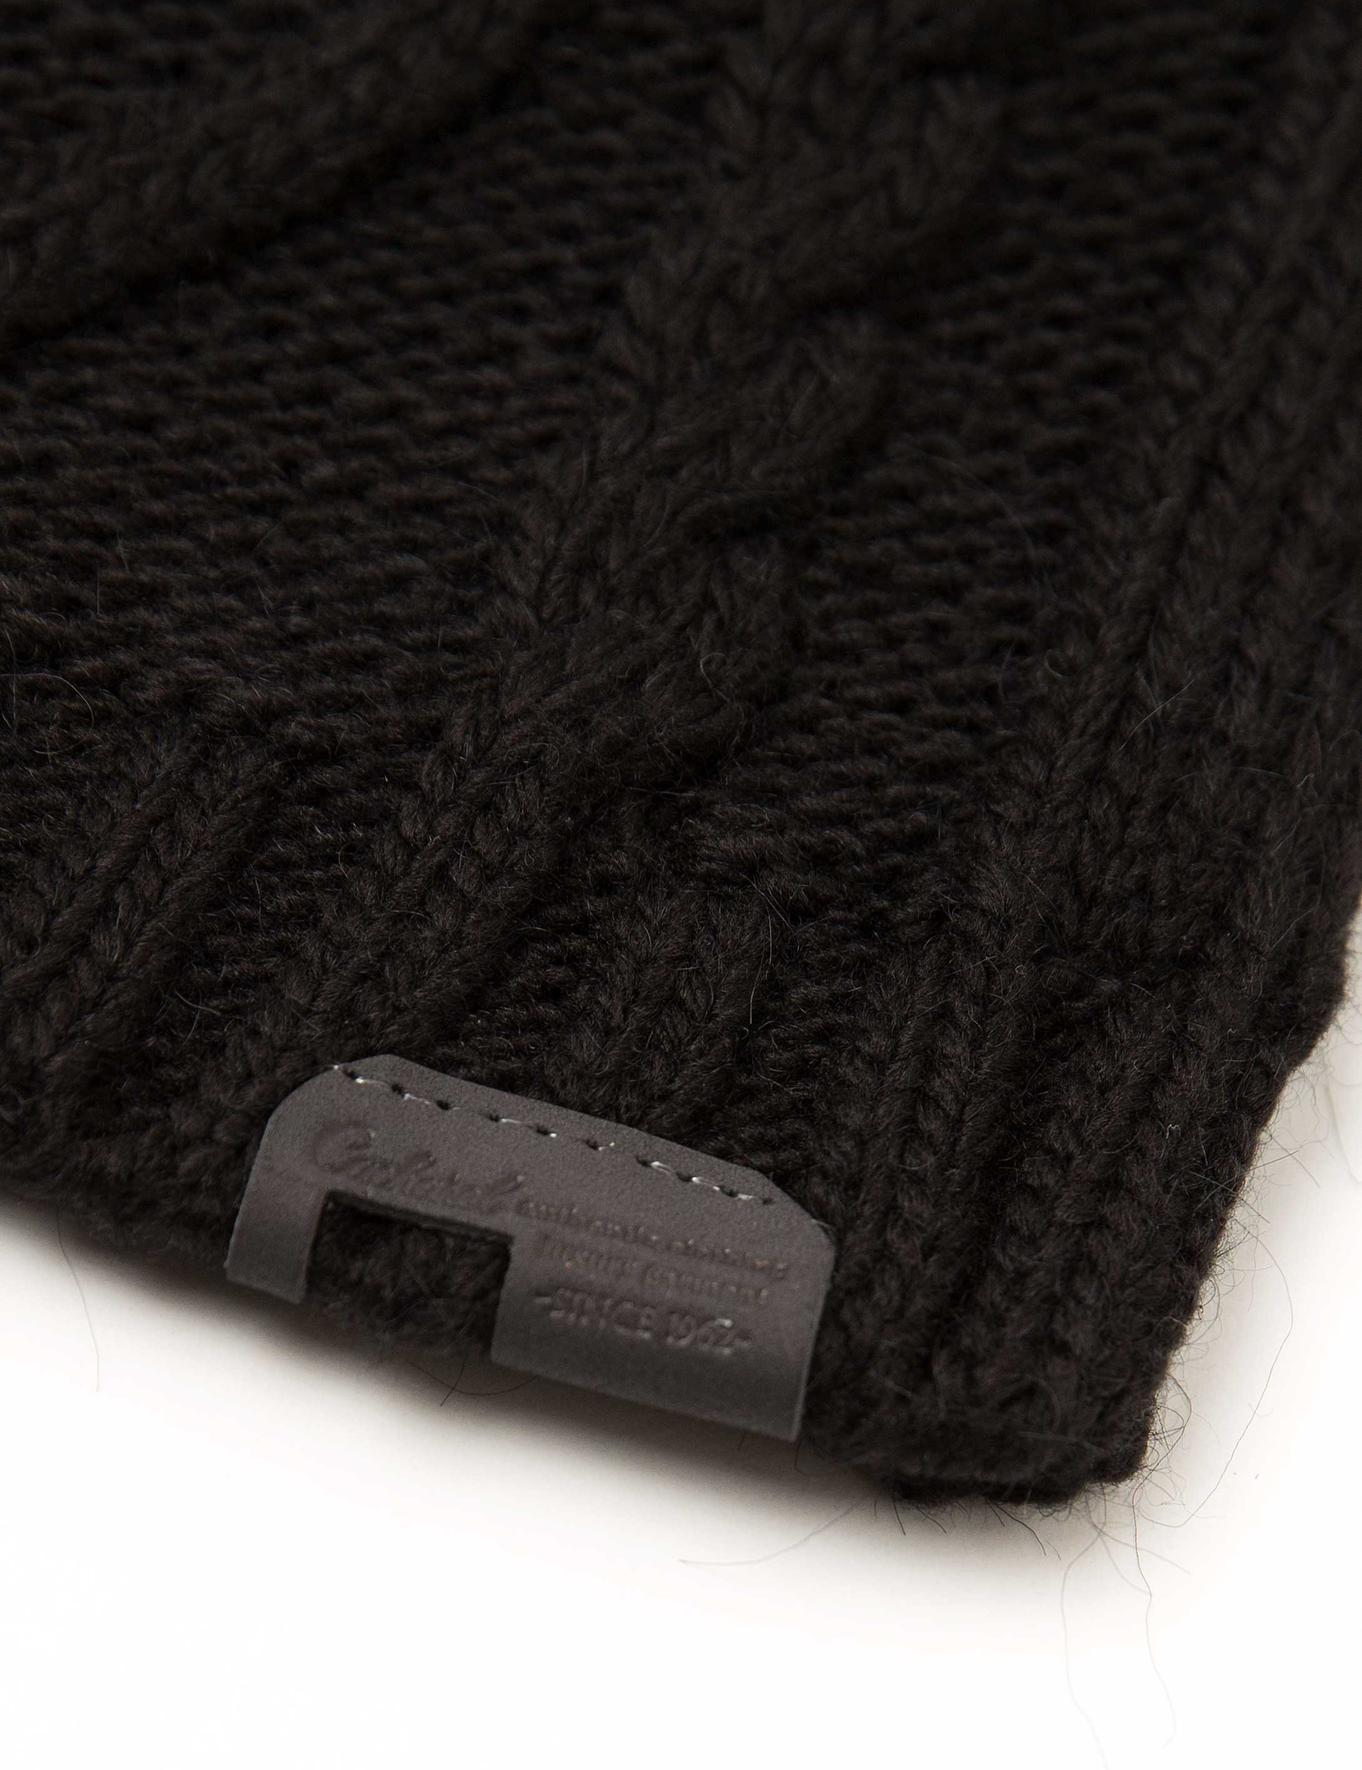 Siyah Kaşkol - 30032713001